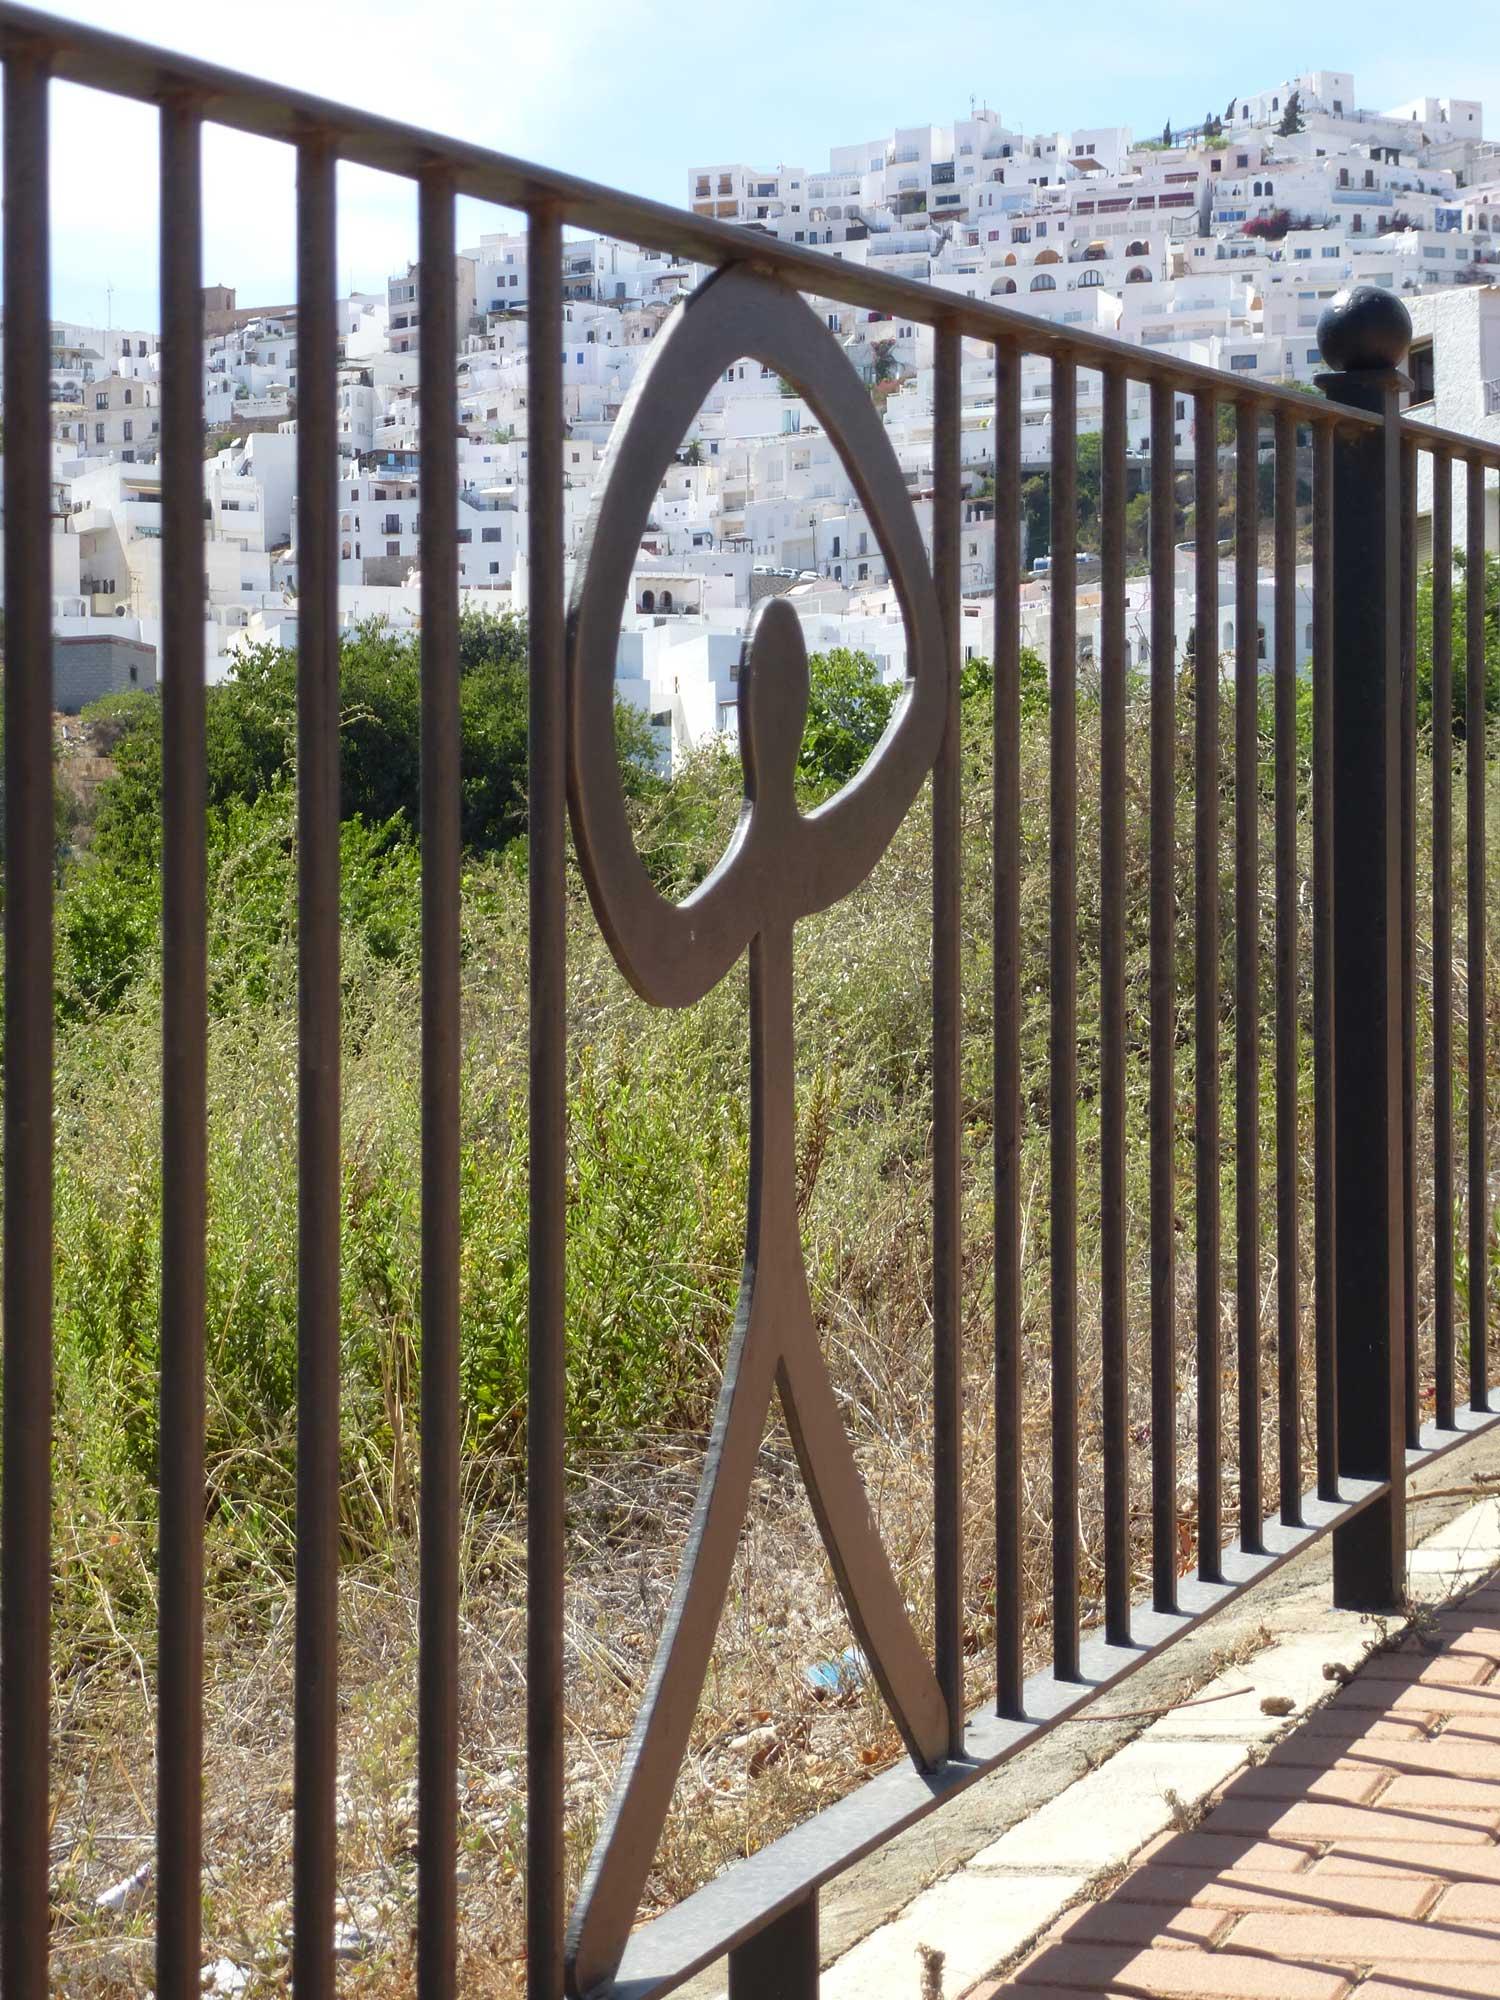 railings.jpg